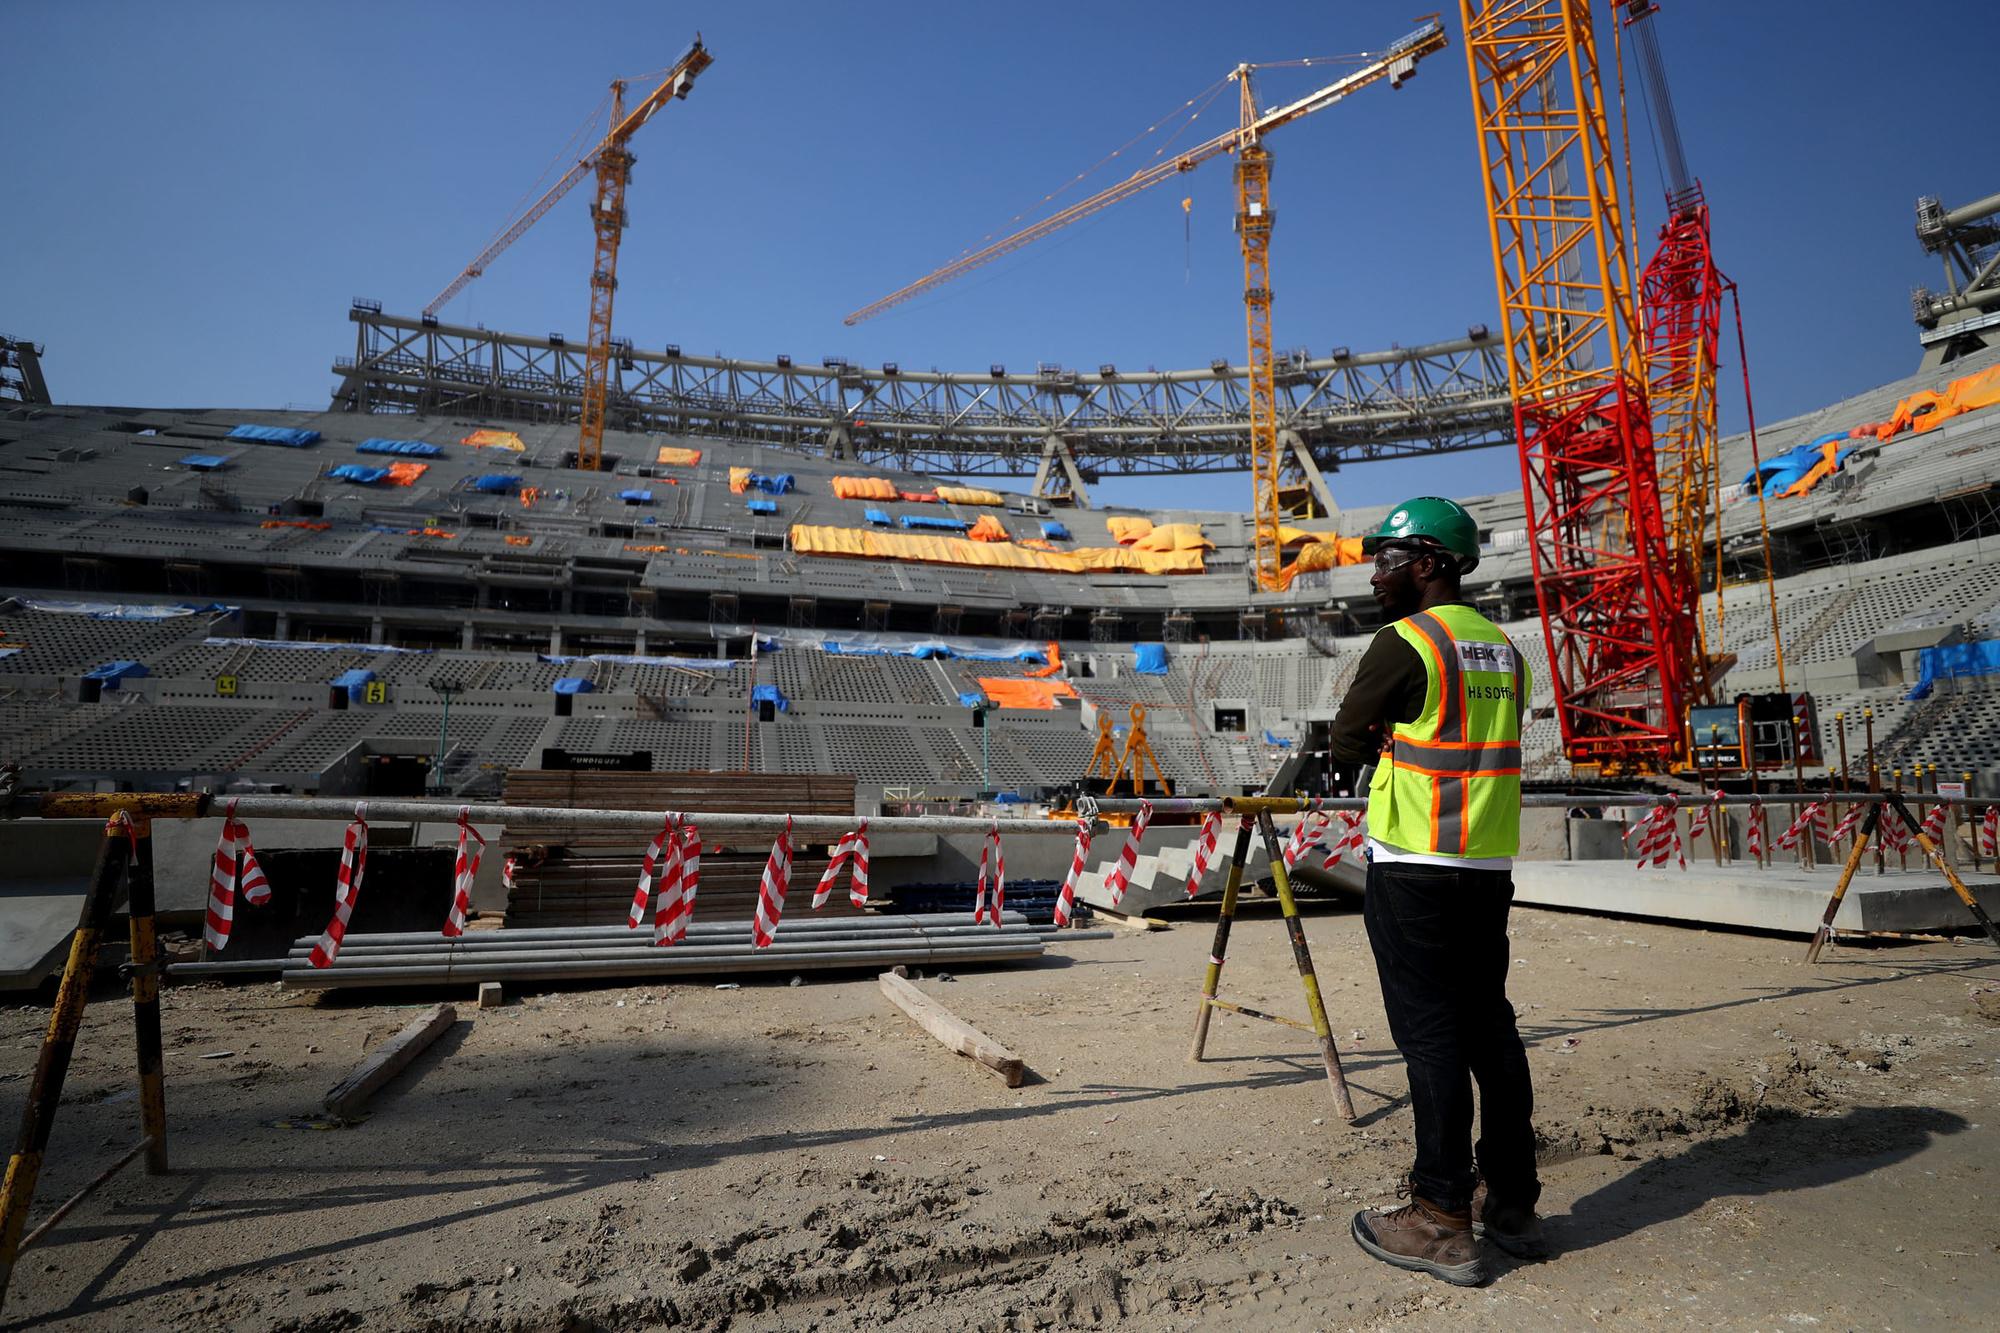 Volgens onderzoek van The Guardian overleden al 6.500 mensen bij het bouwen van stadions voor het WK in Qatar., GETTY